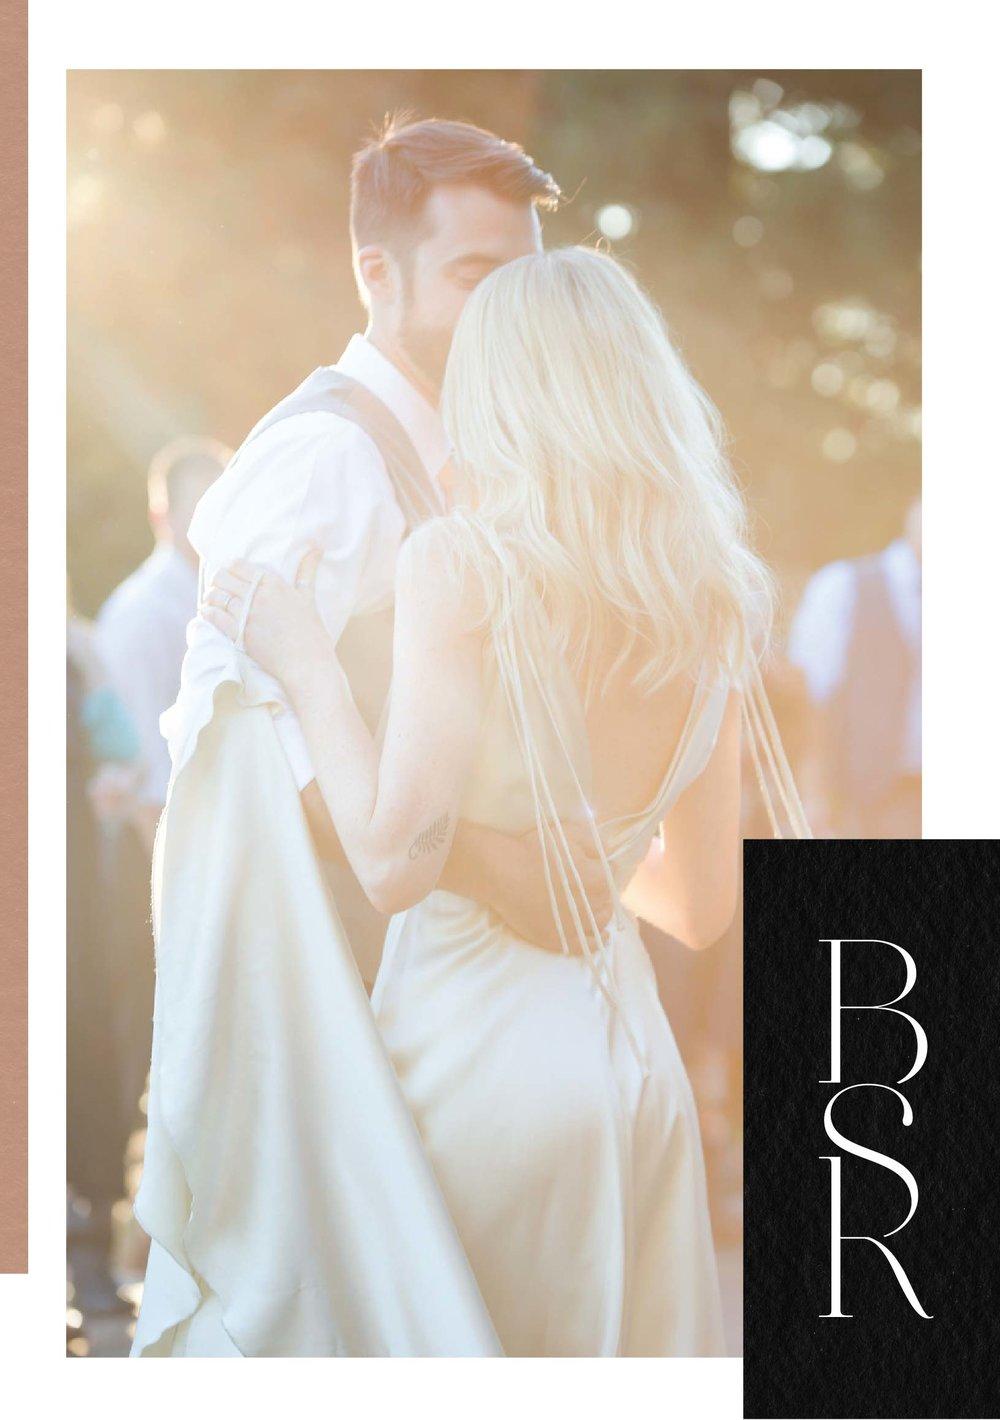 BSR-Homepage-Thumbs-03.jpg